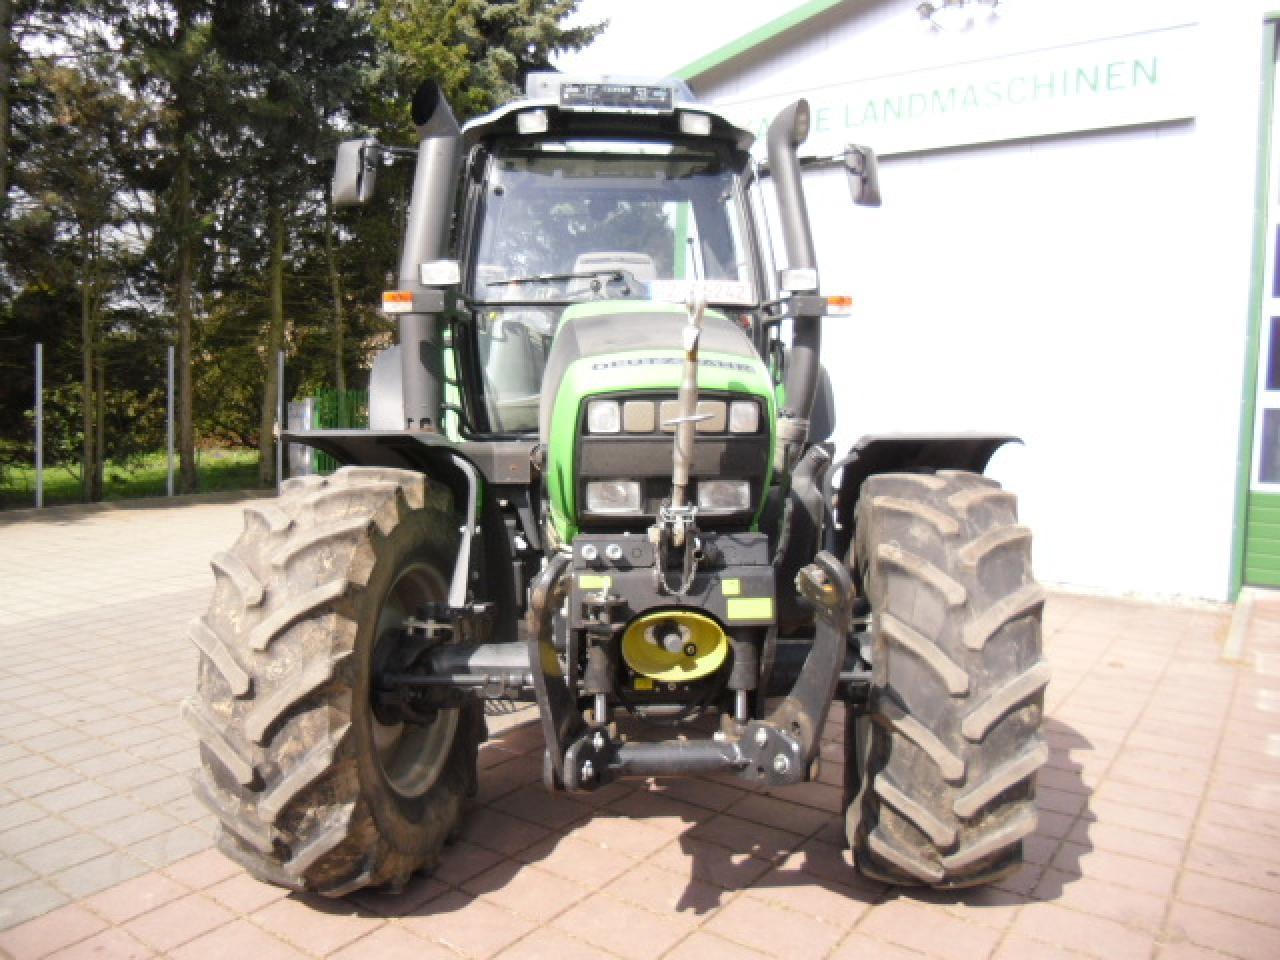 Deutz-Fahr Agroton M 620